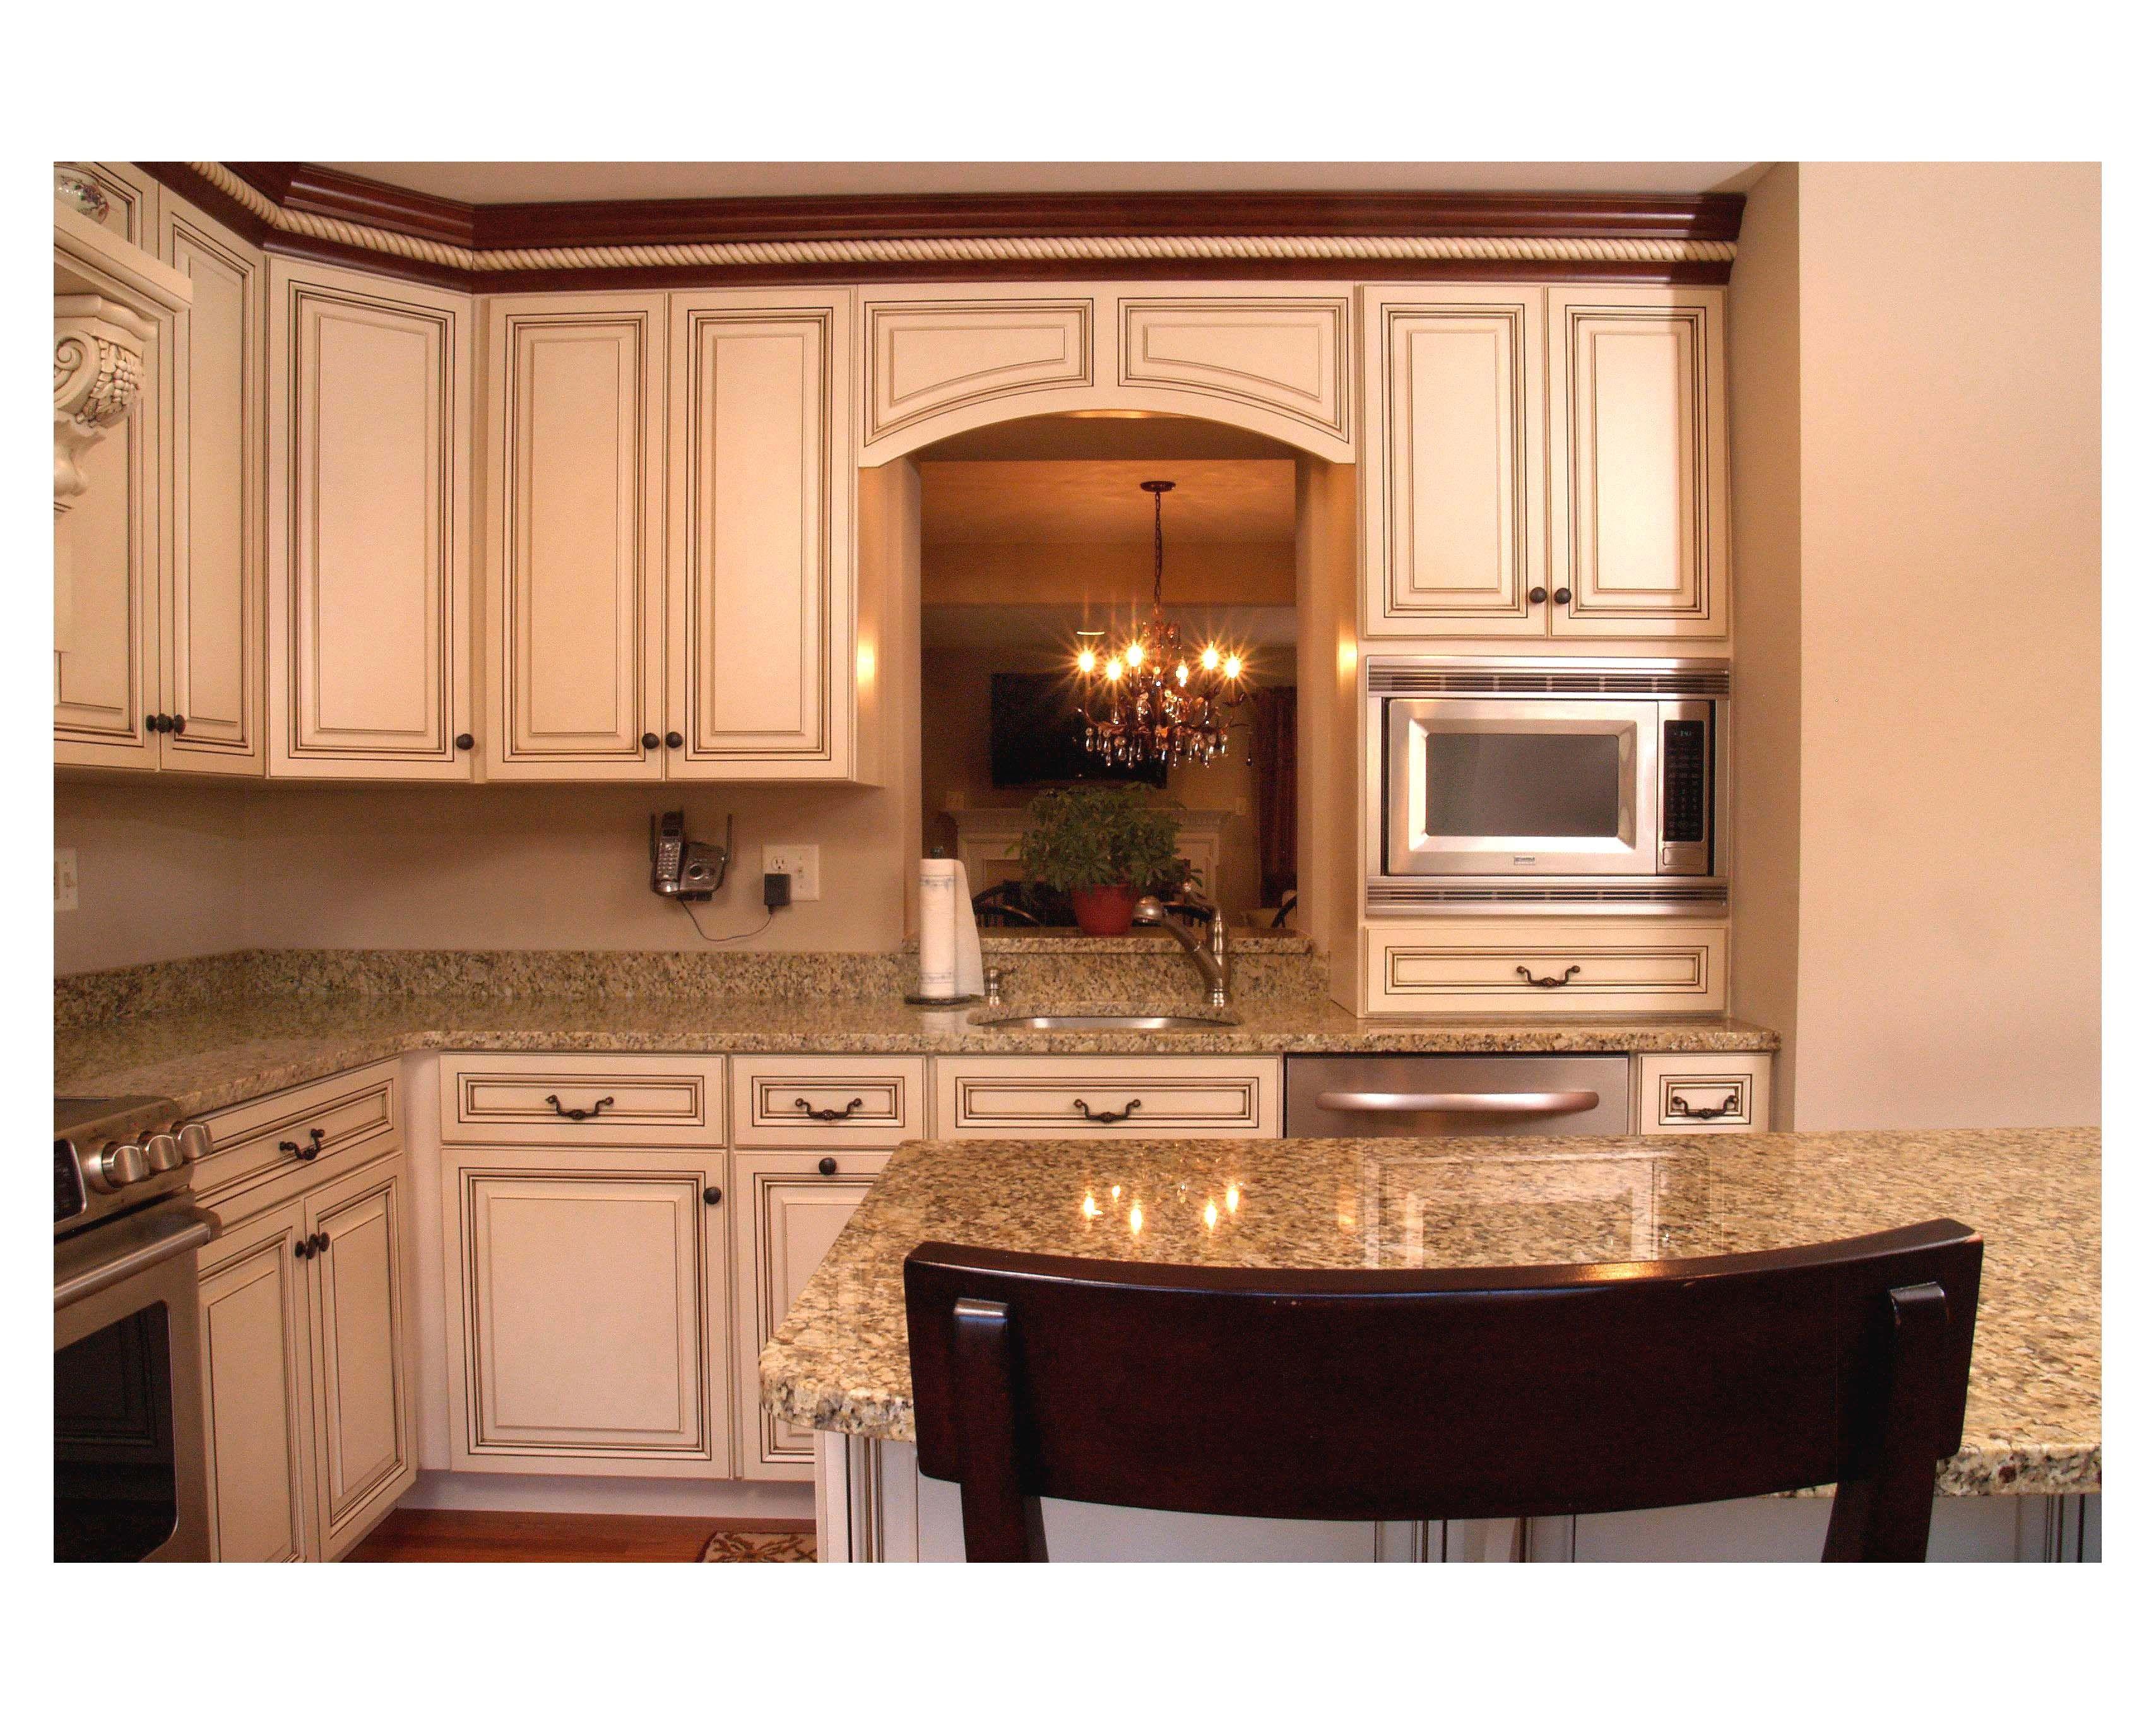 Kitchen Cabinet Refacing Gallery Kitchen Saver Refacing Kitchen Cabinets Home Kitchens Kitchen Remodel